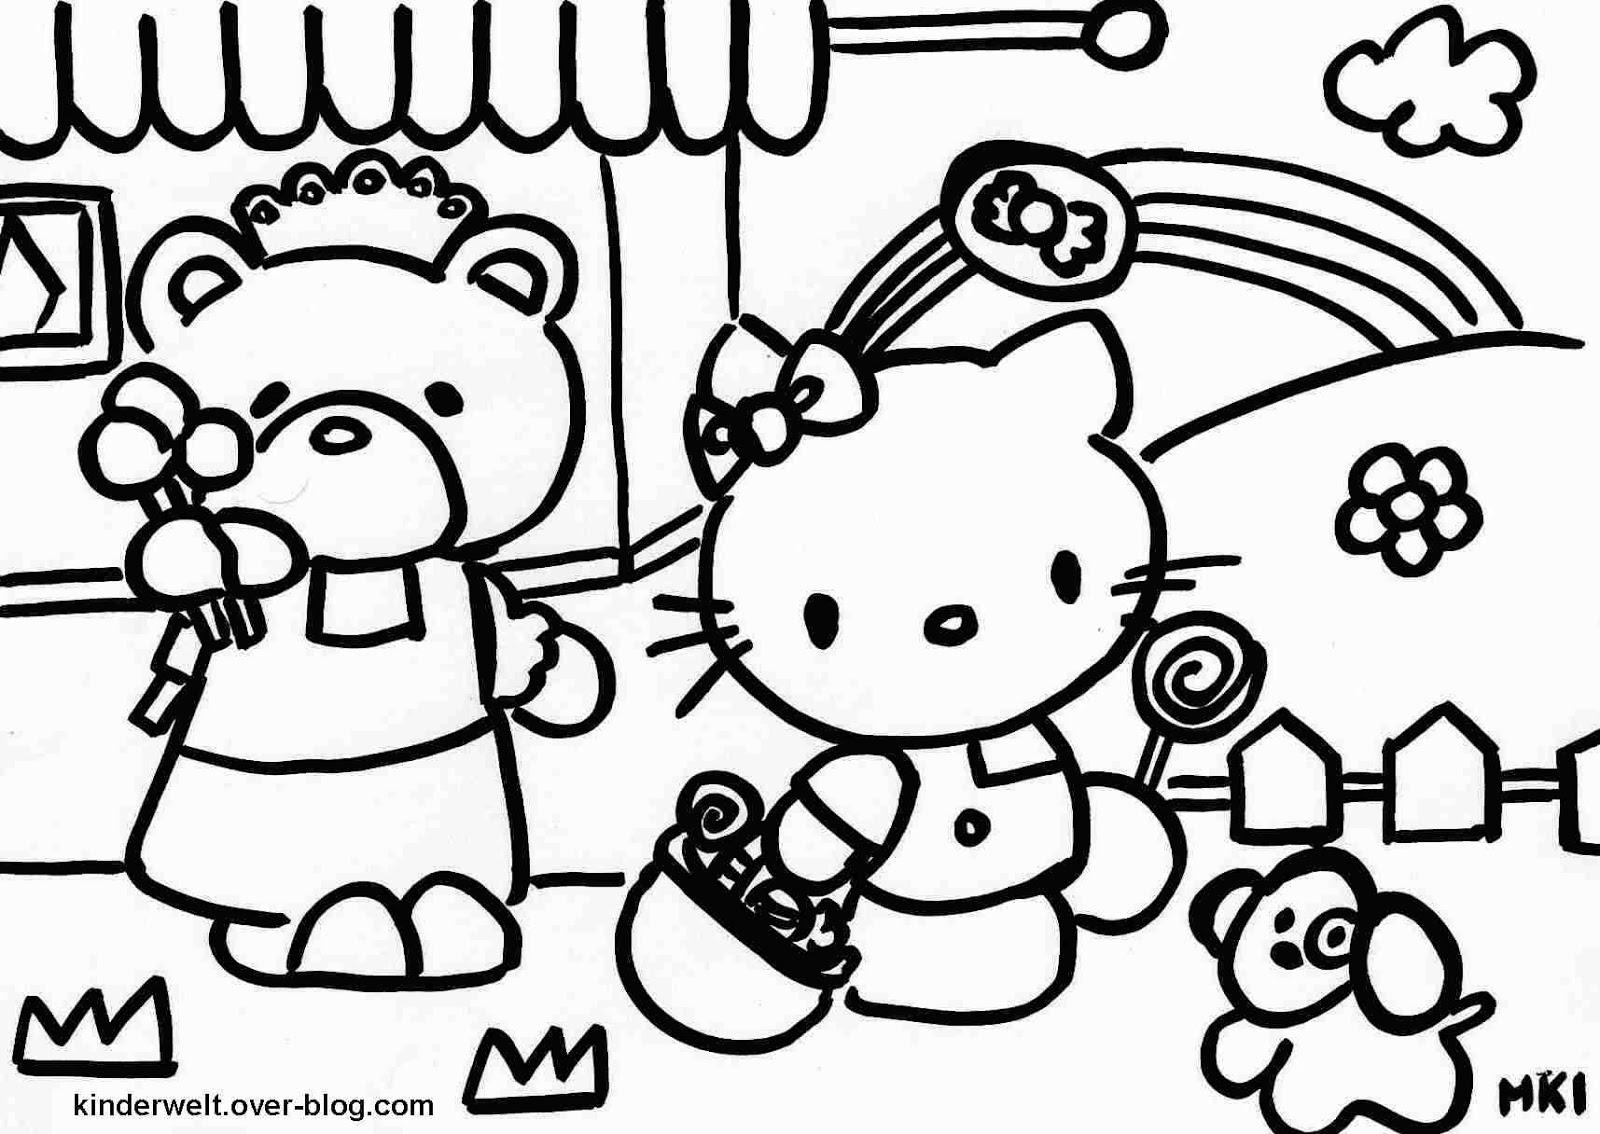 Gratis Lego Ausmalbilder Zum Herunterladen Und Ausdrucken: Ausmalbilder Zum Ausdrucken: Hello Kitty Ausmalbilder